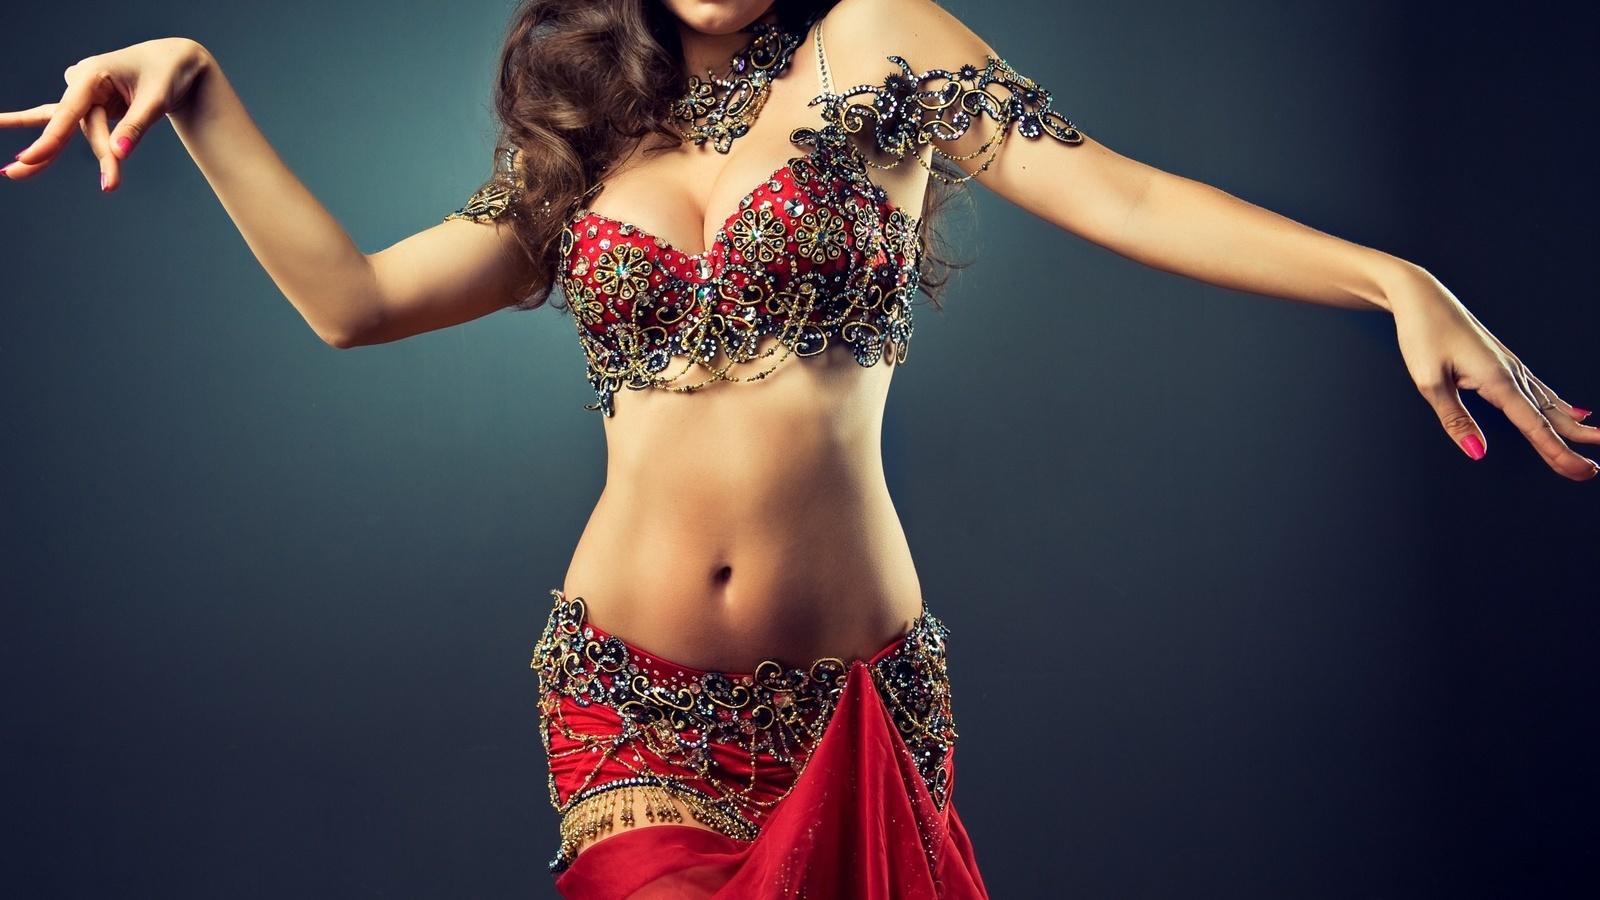 индийская девушка с красивой фигурой